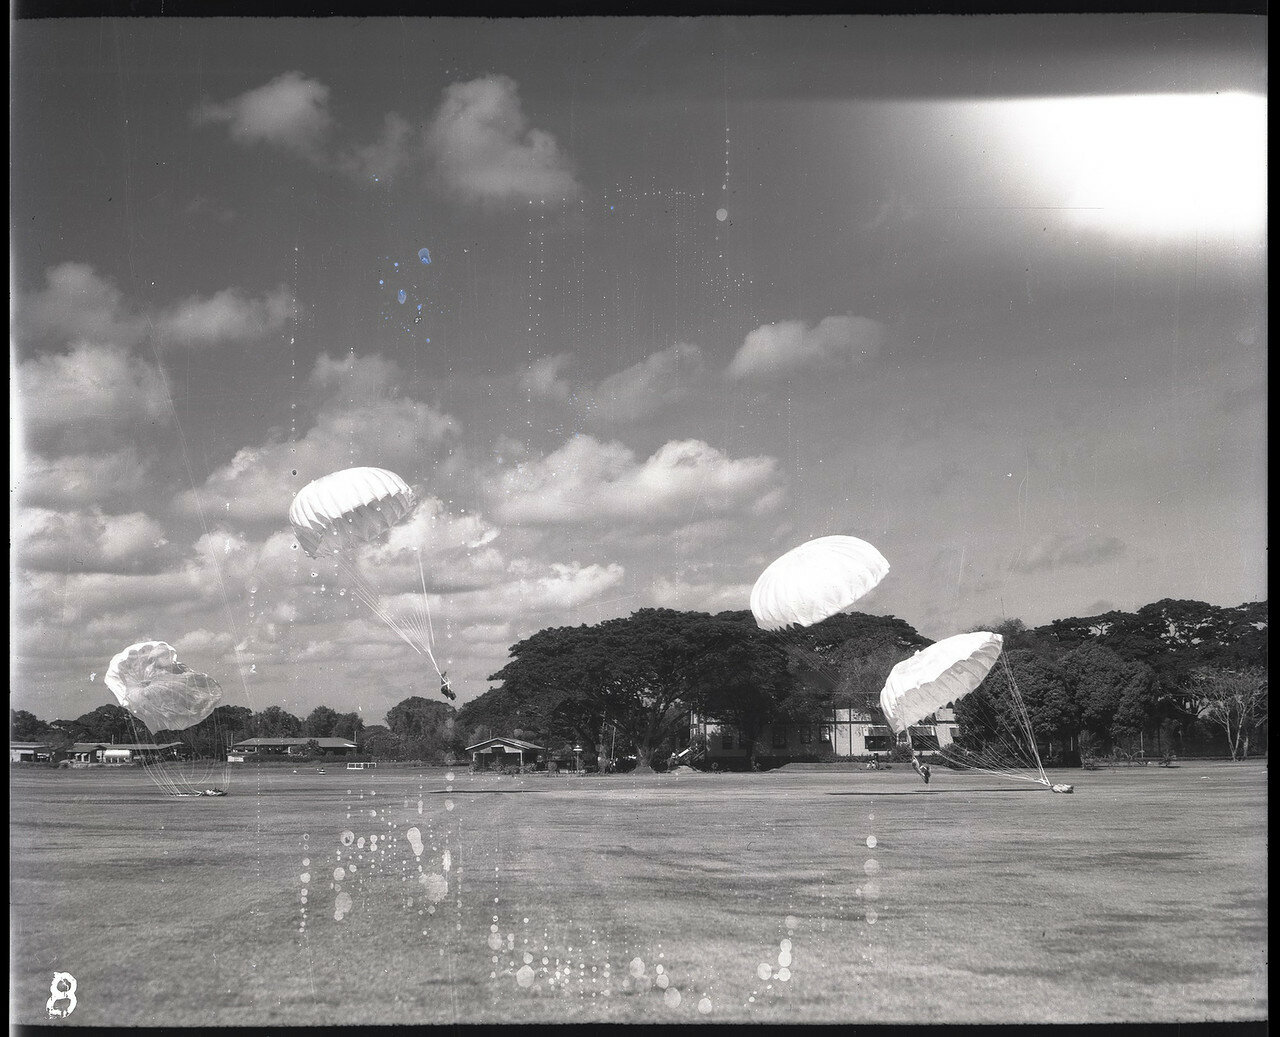 08. Испытание парашютов на филиппинском аэродроме Николс Филд